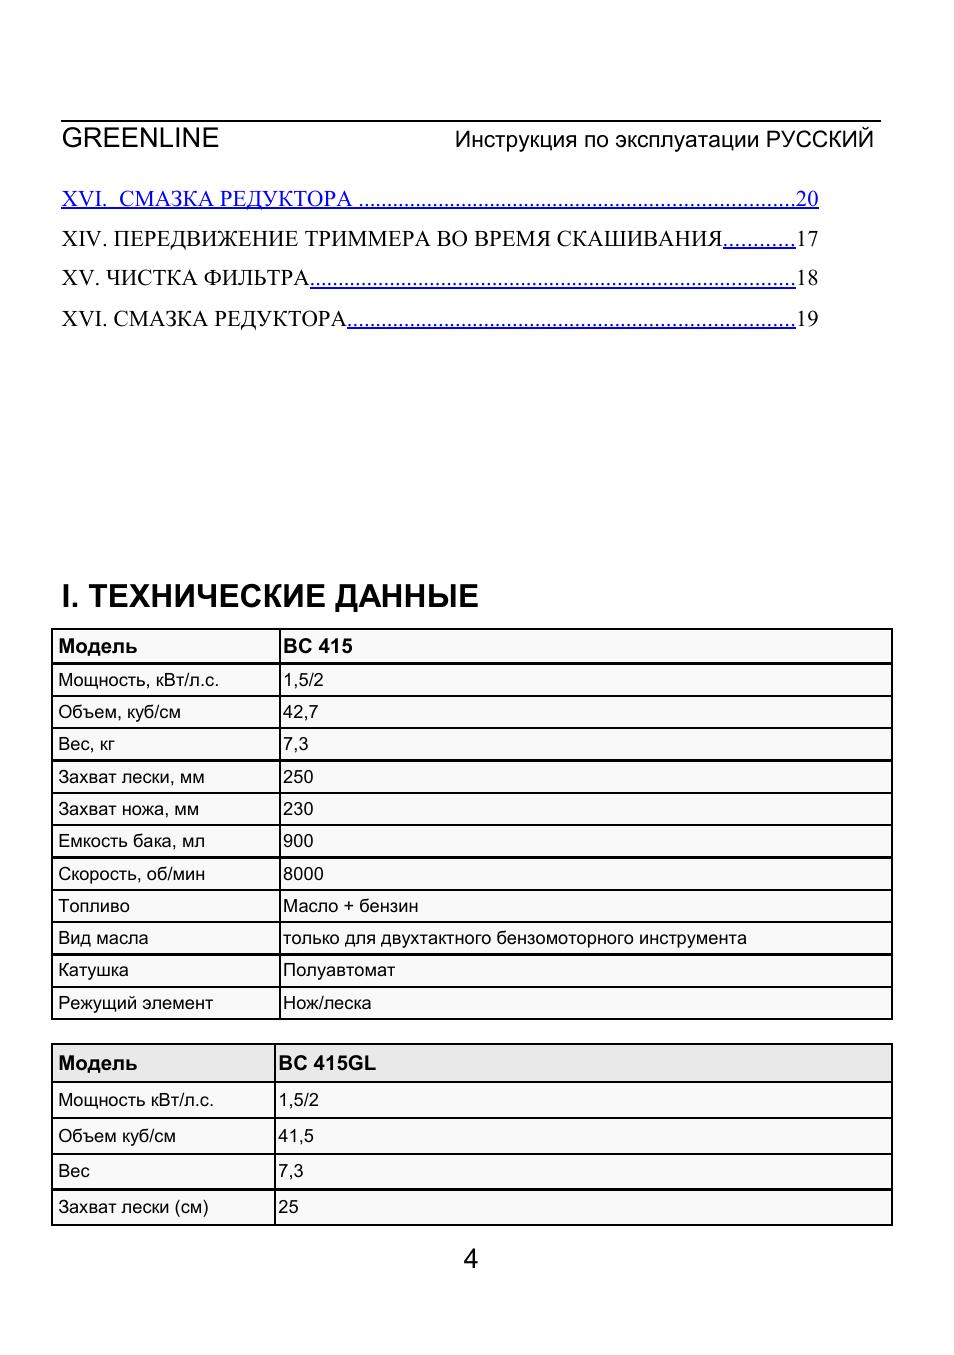 I. технические данные, Greenline